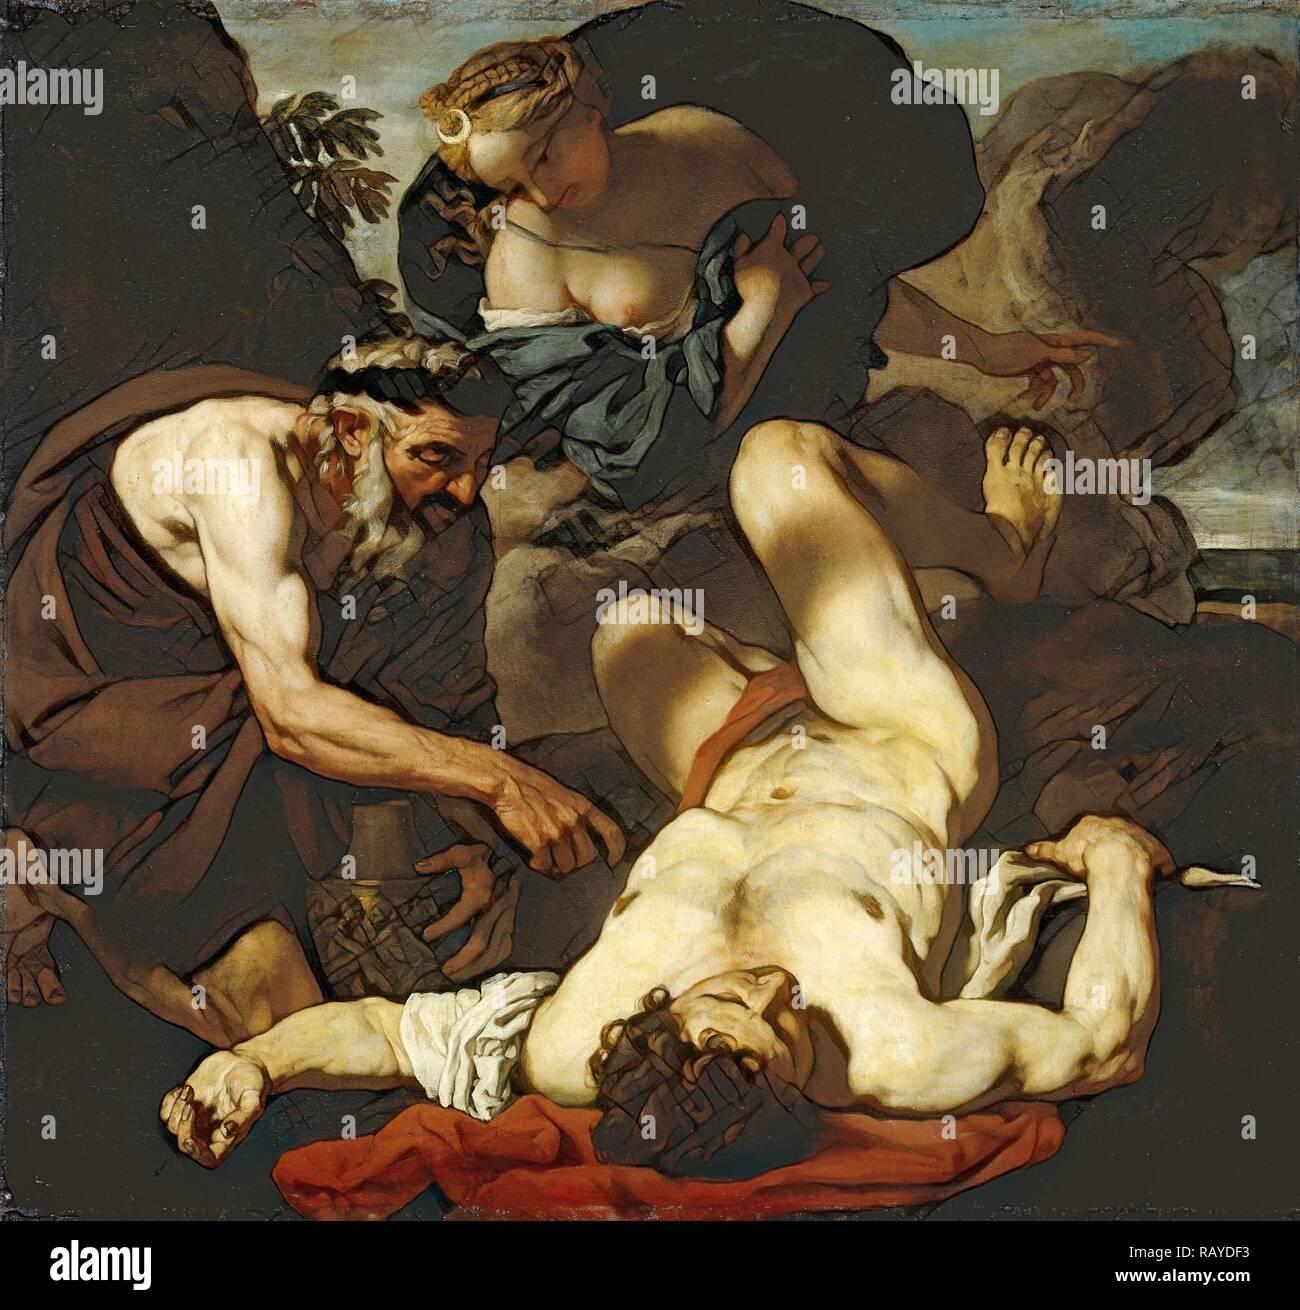 Selene und Endymion, früher berechtigt, den Tod von Orion, Johann Carl Loth, 1660-1680 zugeschrieben. Neuerfundene Stockbild